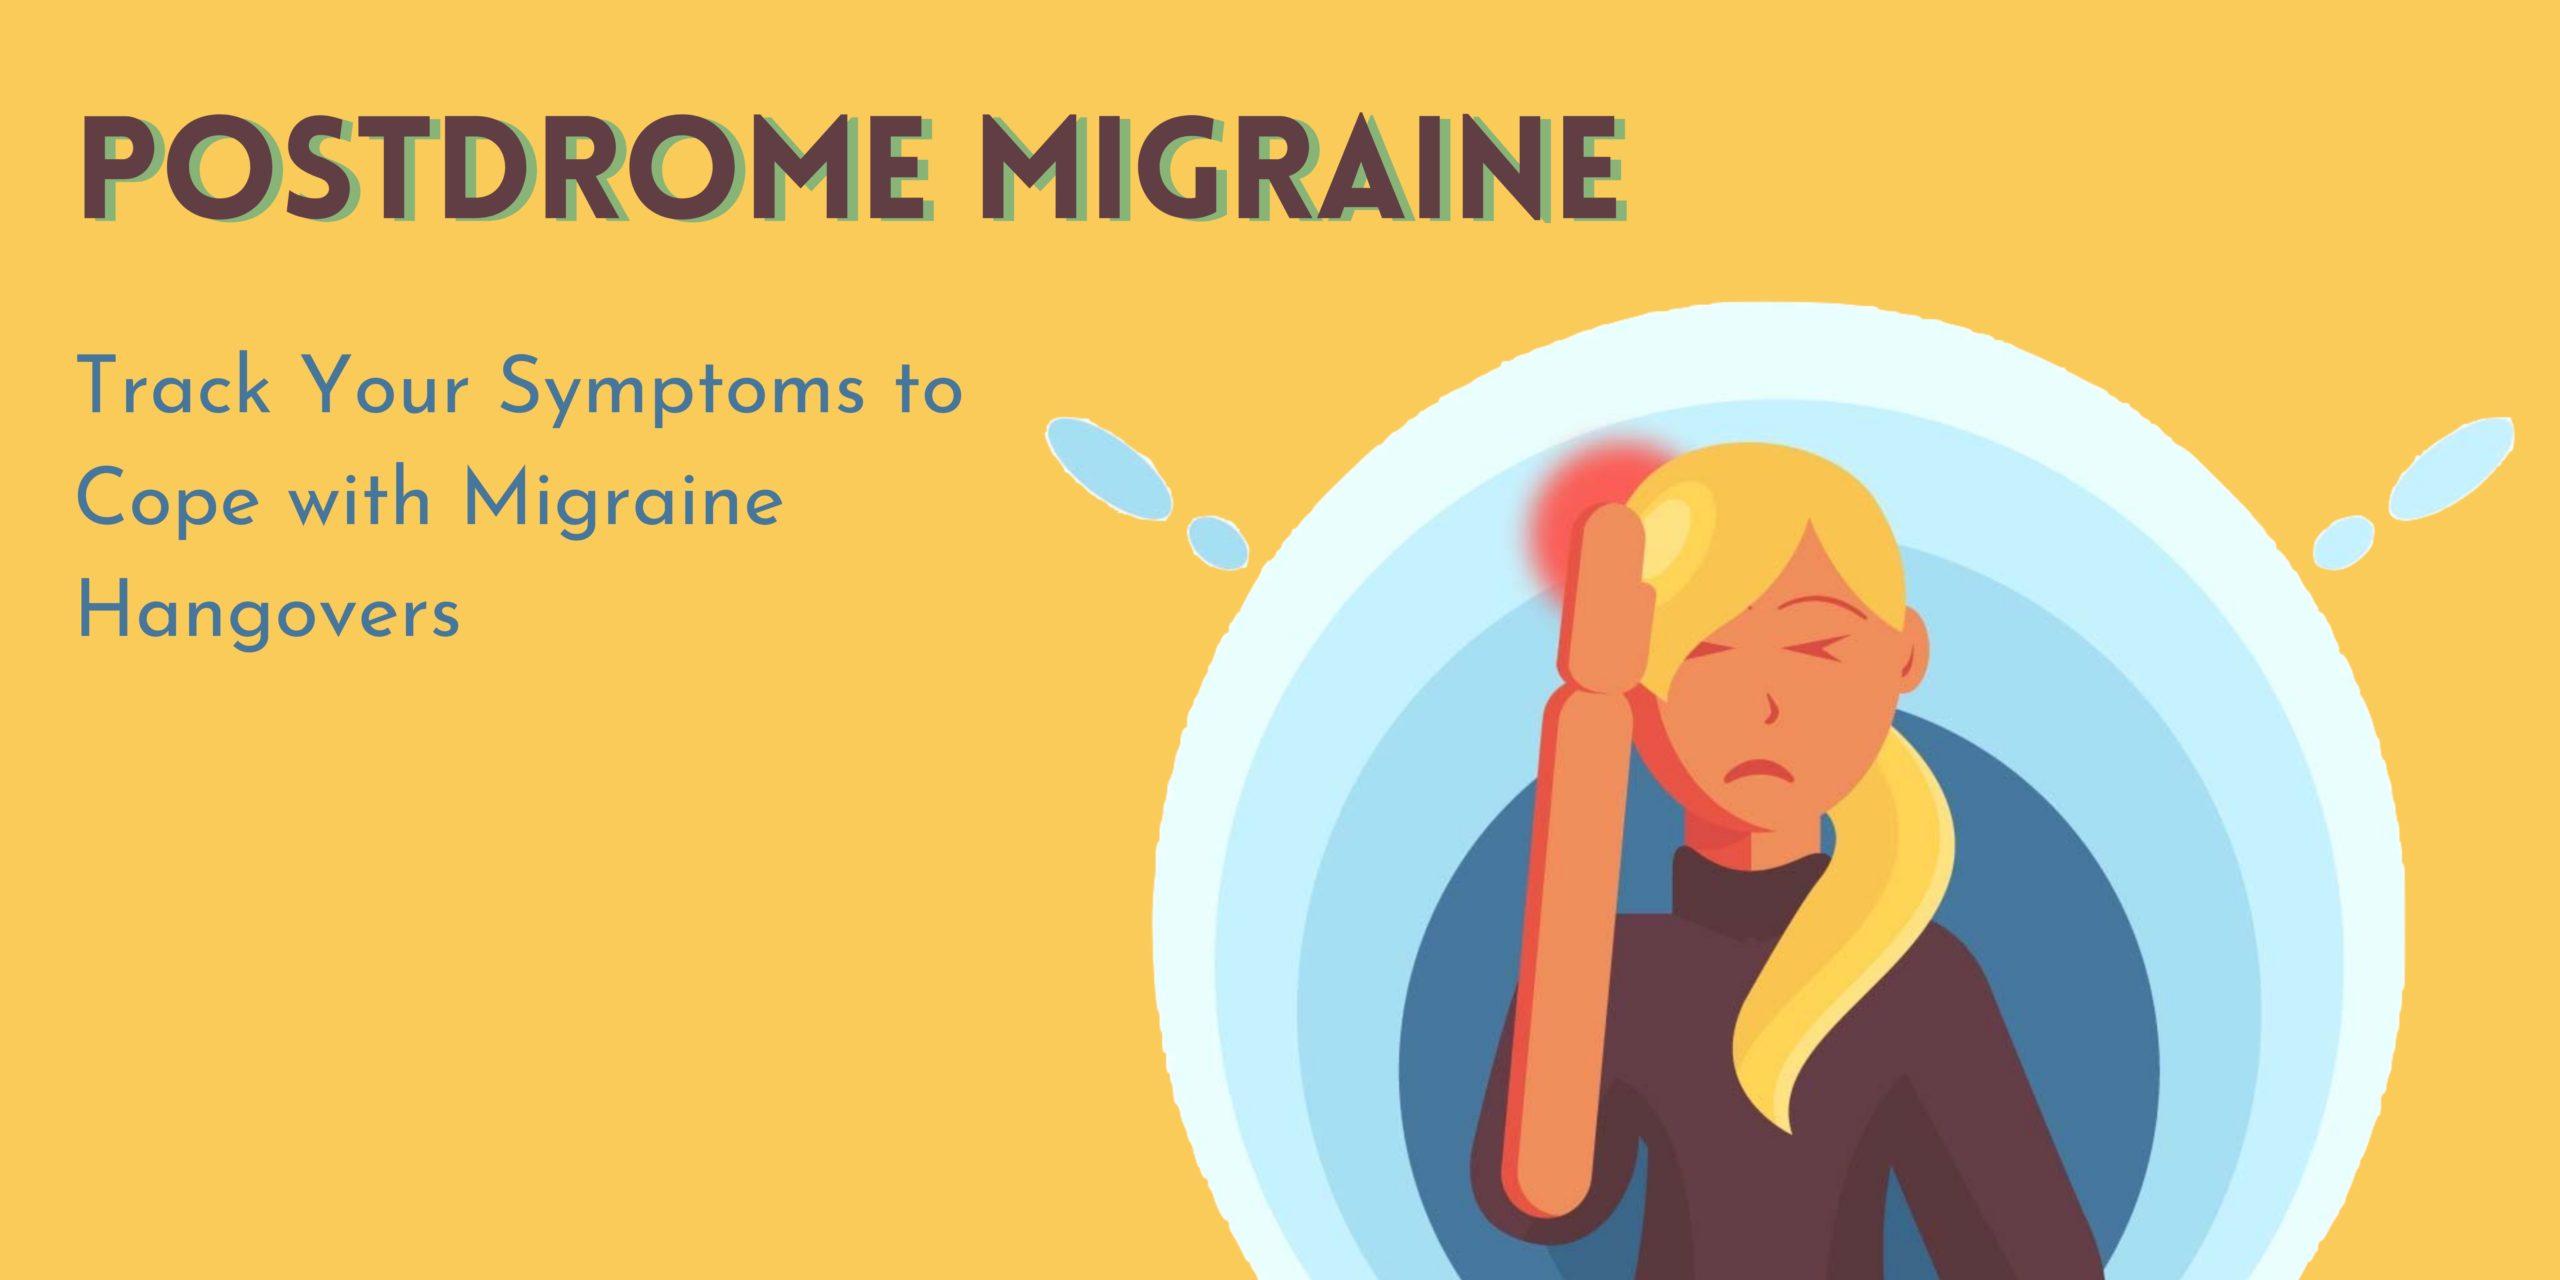 Postdrome Migraine